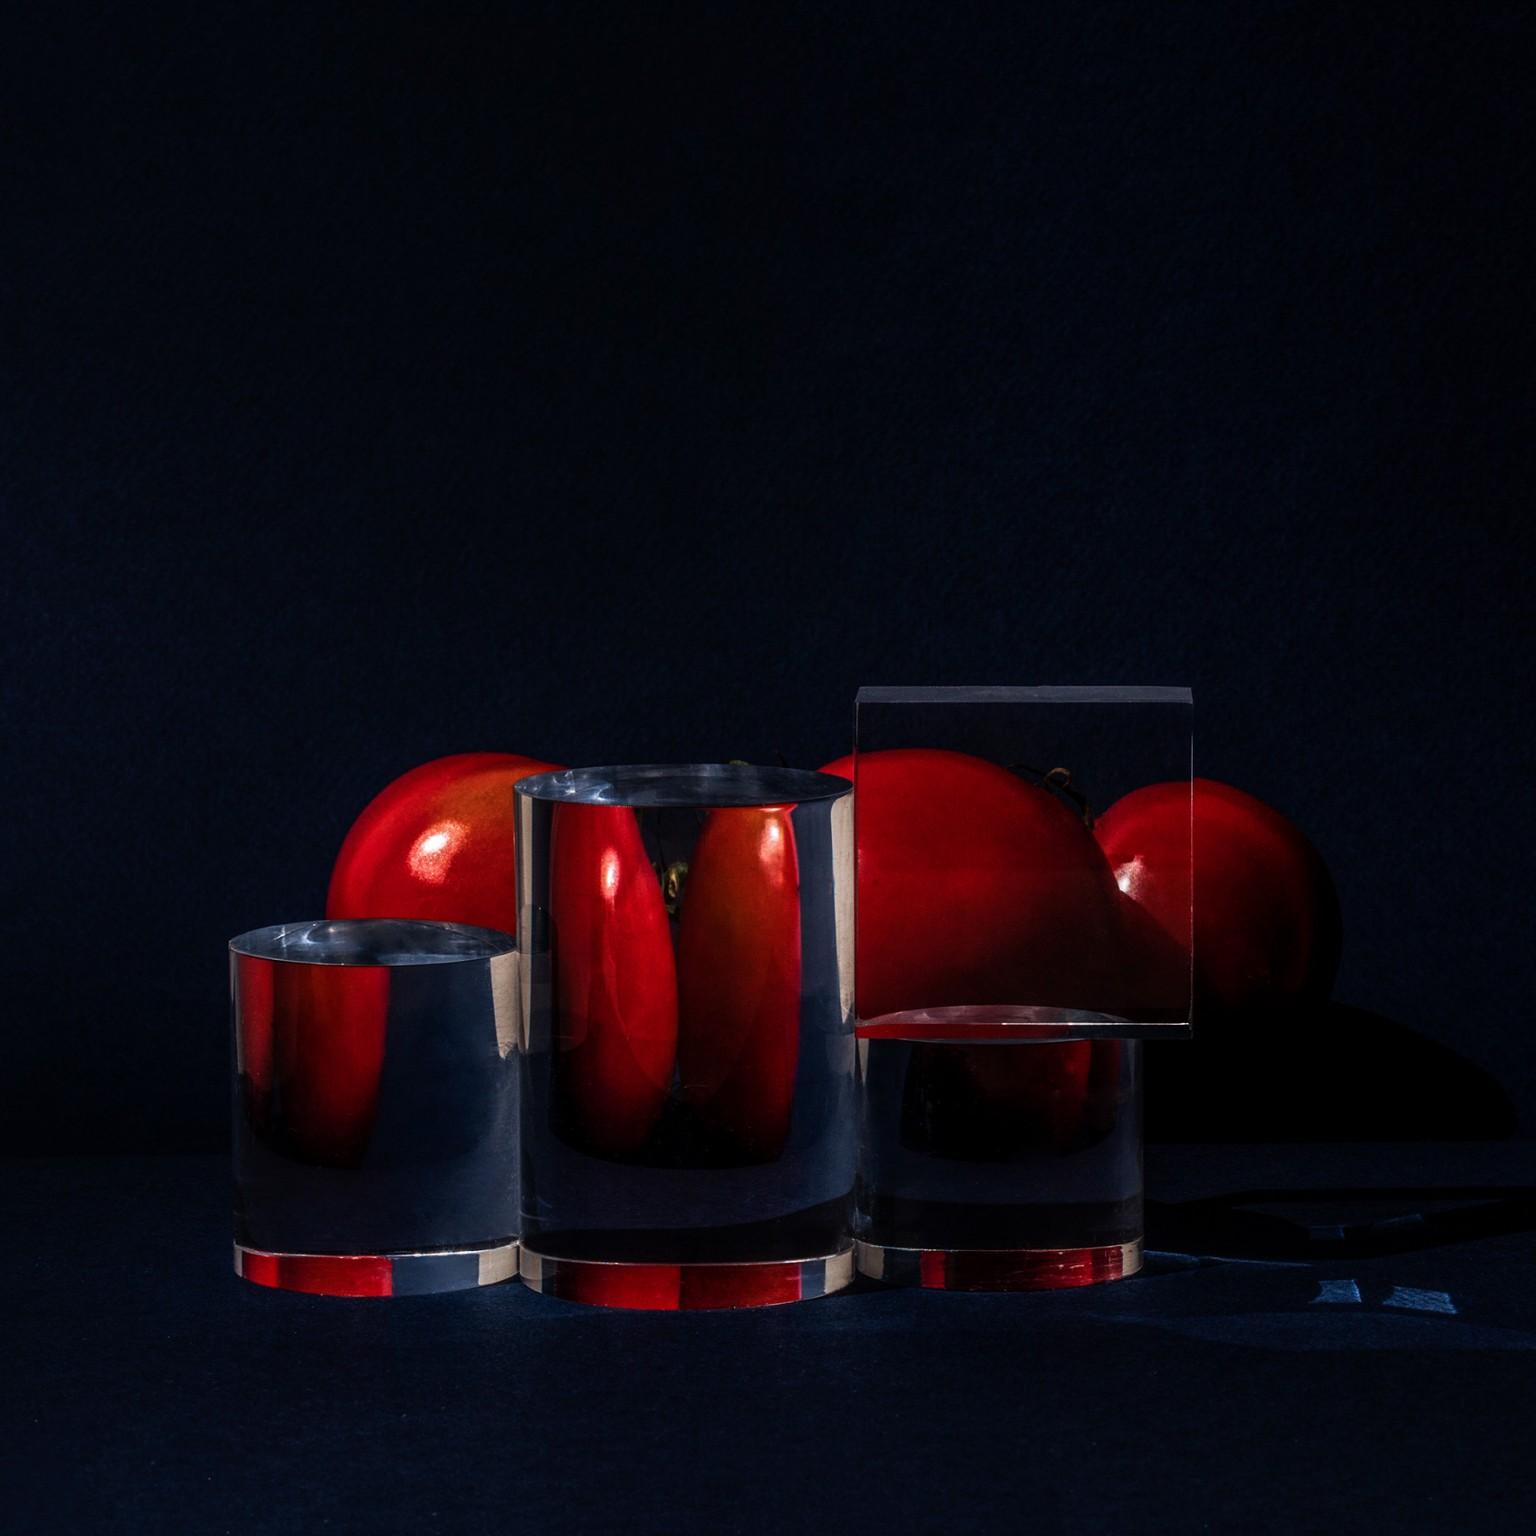 Perspective, le fotografie distorte di Suzanne Saroff | Collater.al 7